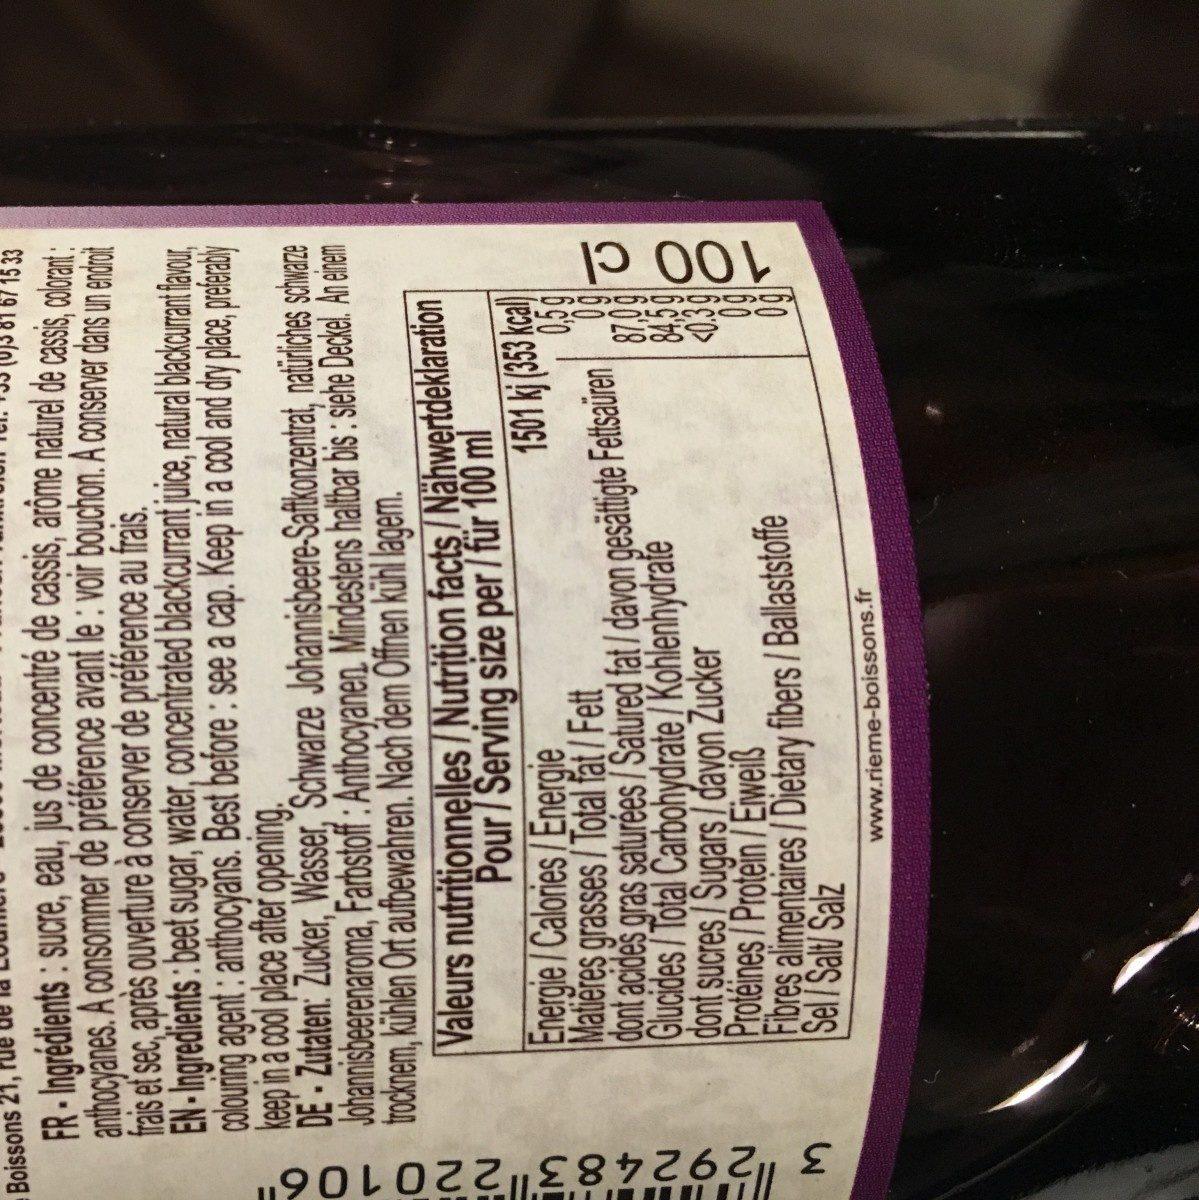 Sirop de cassis garanti pur sucre, la bouteille de - Ingredients